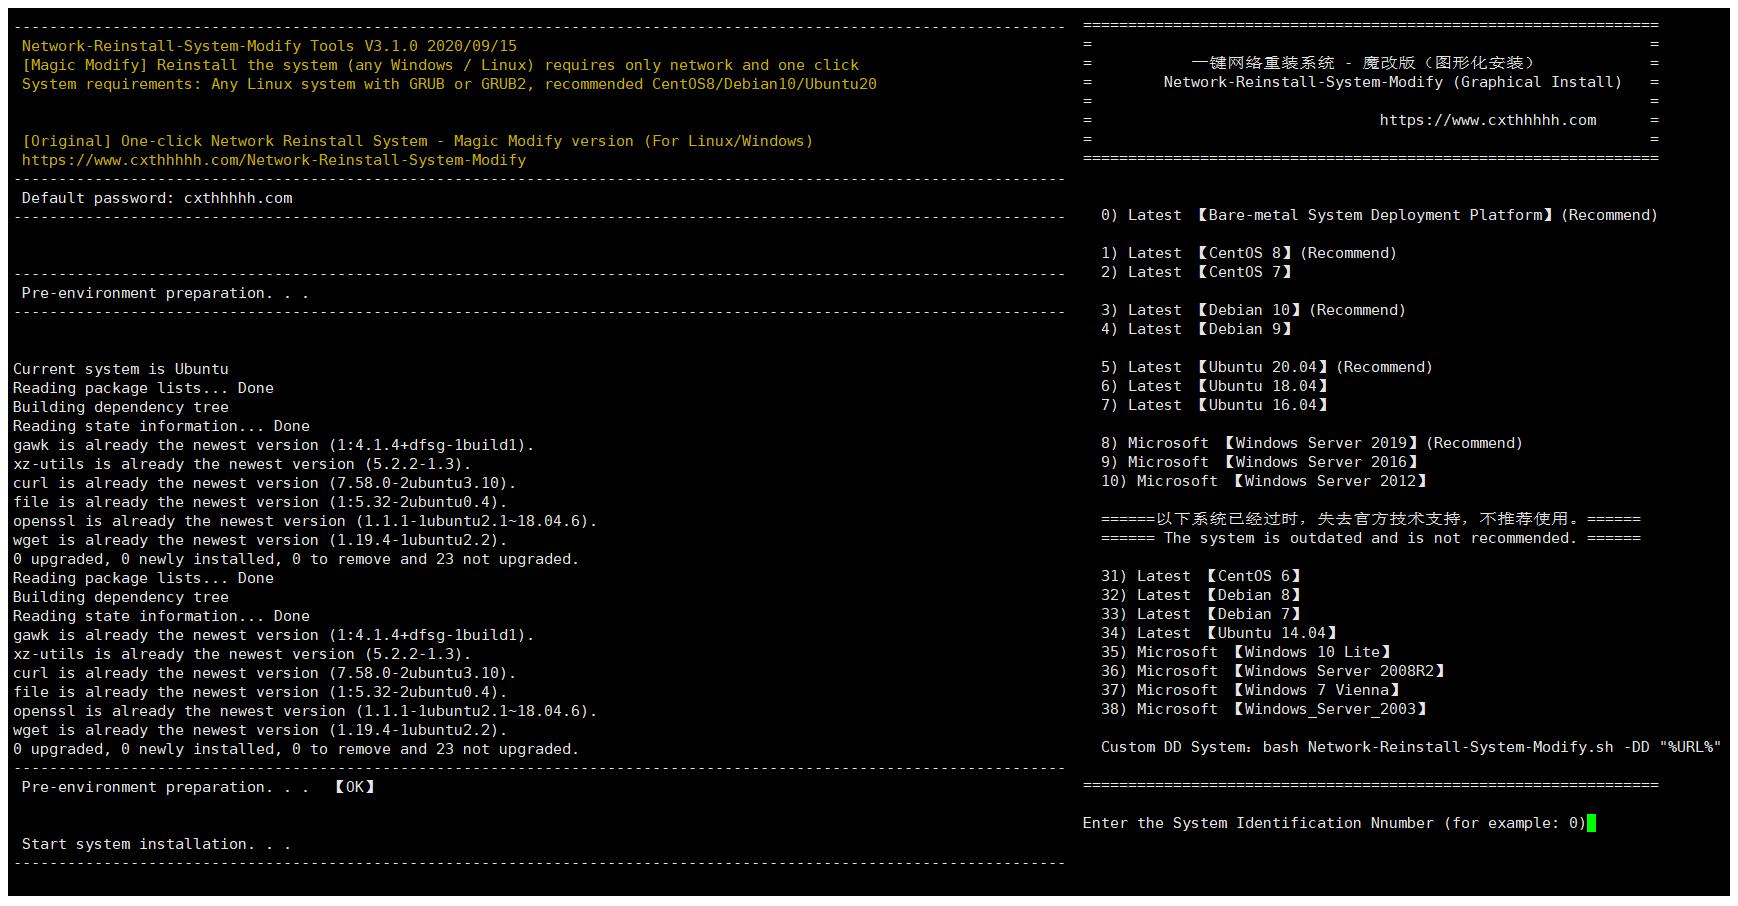 一键网络重装系统(适用于Linux / Windows)